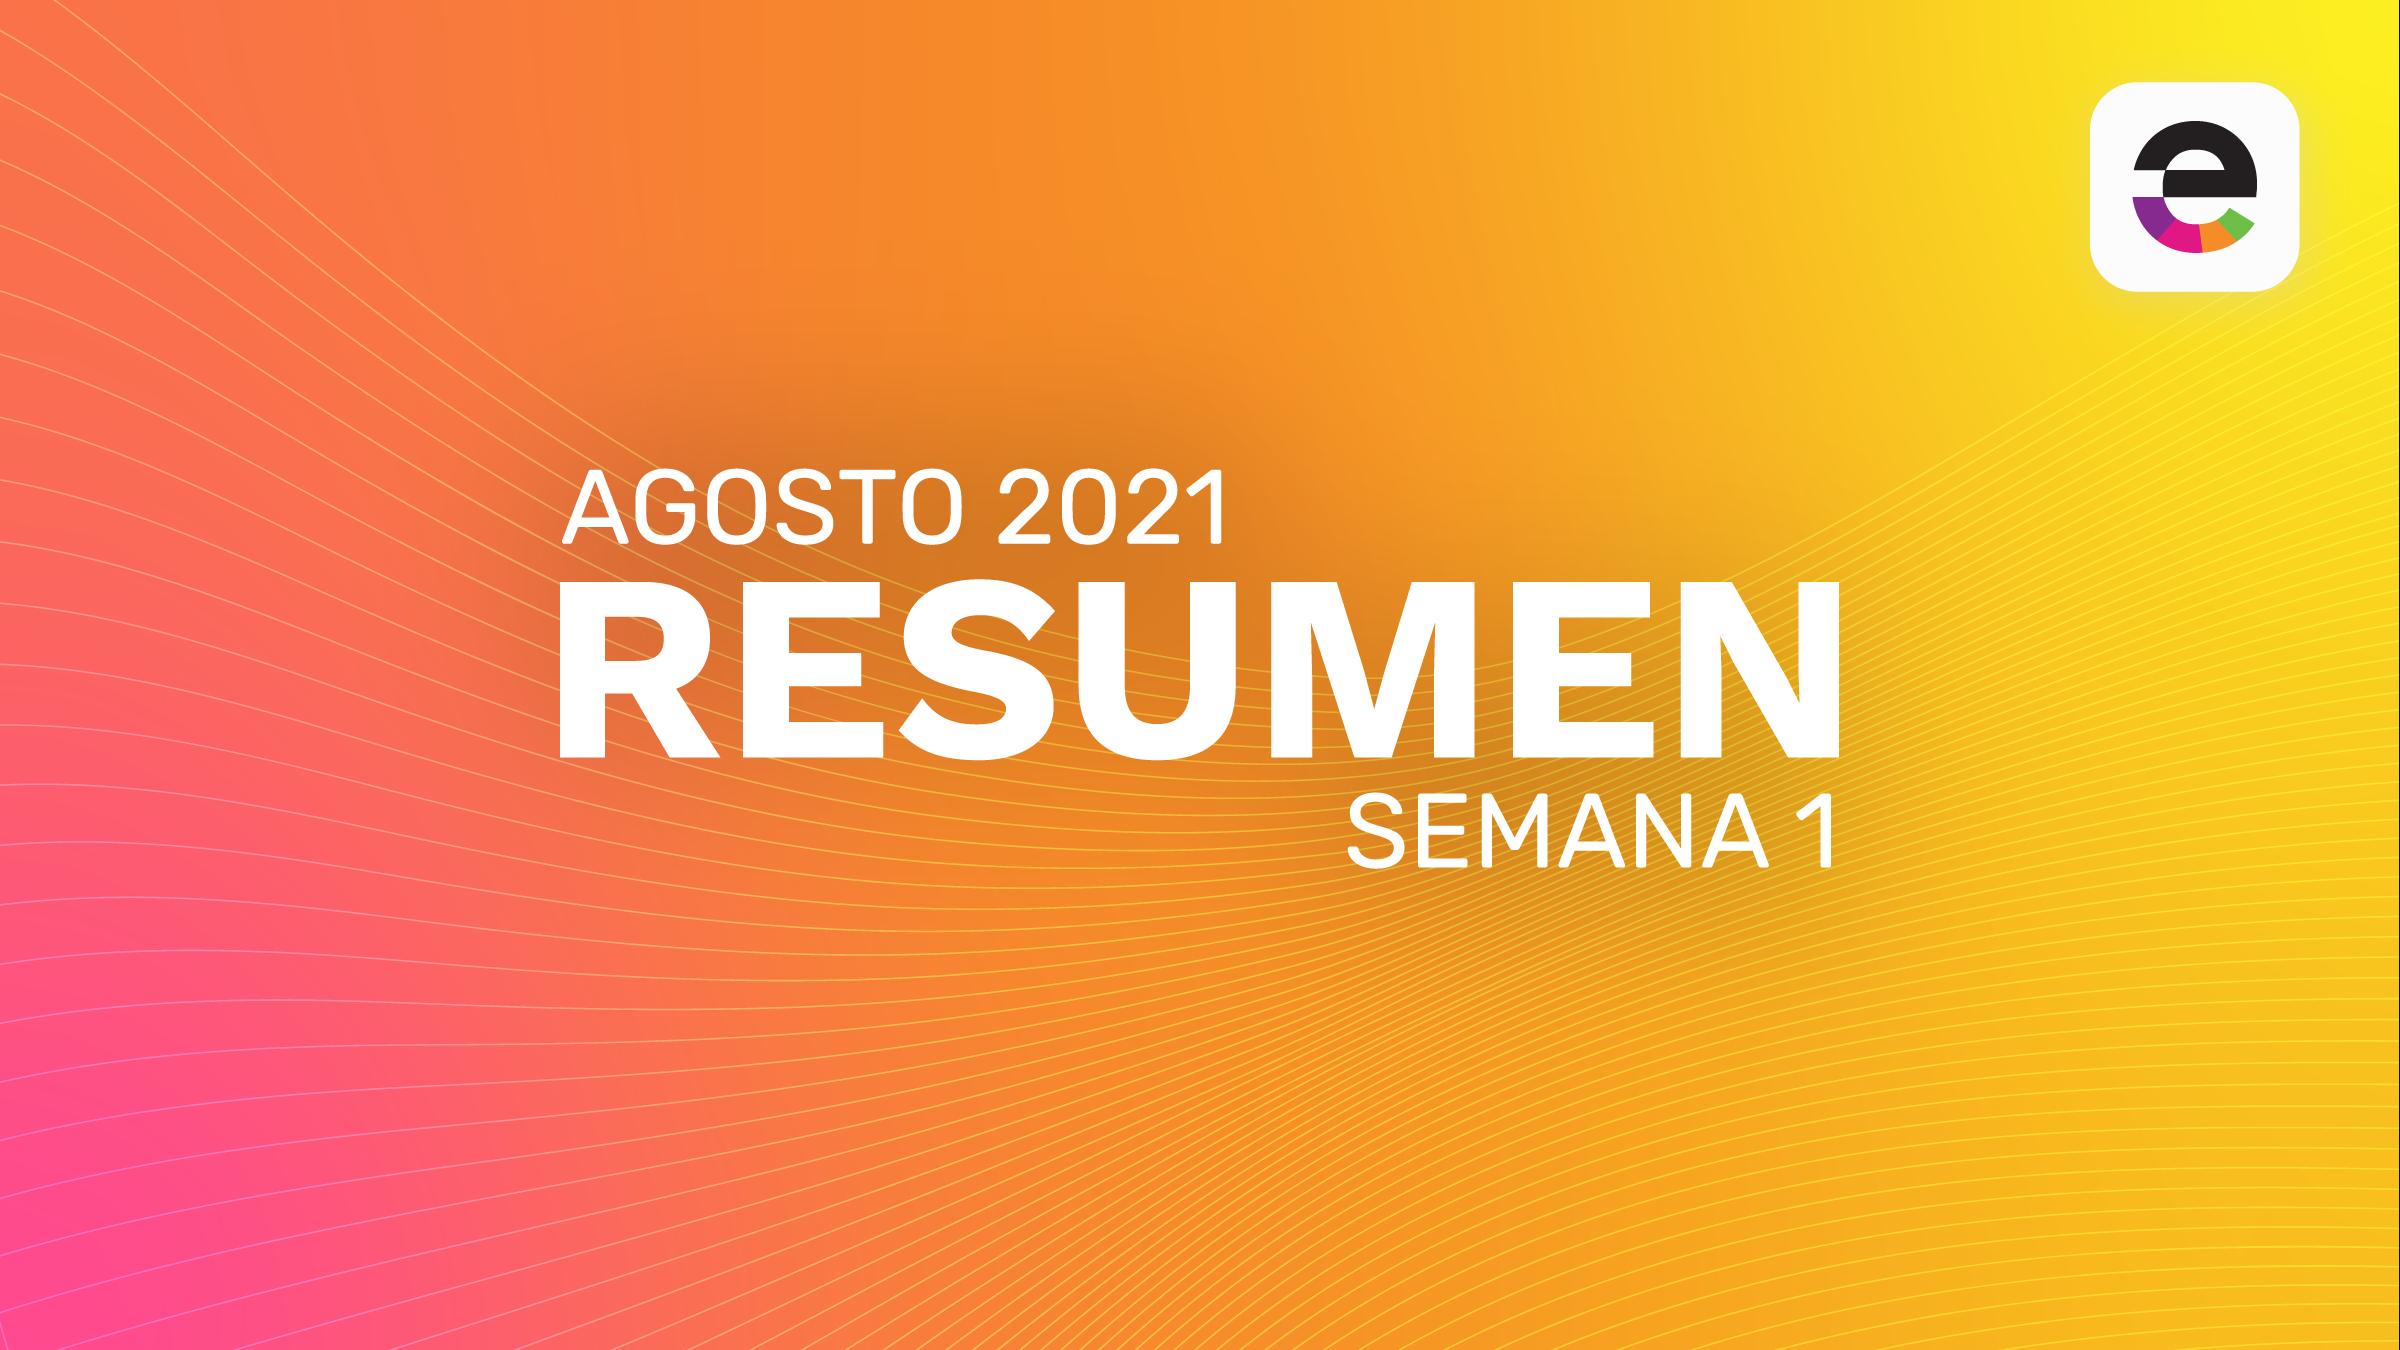 Resumen Agosto 2021: Semana 1